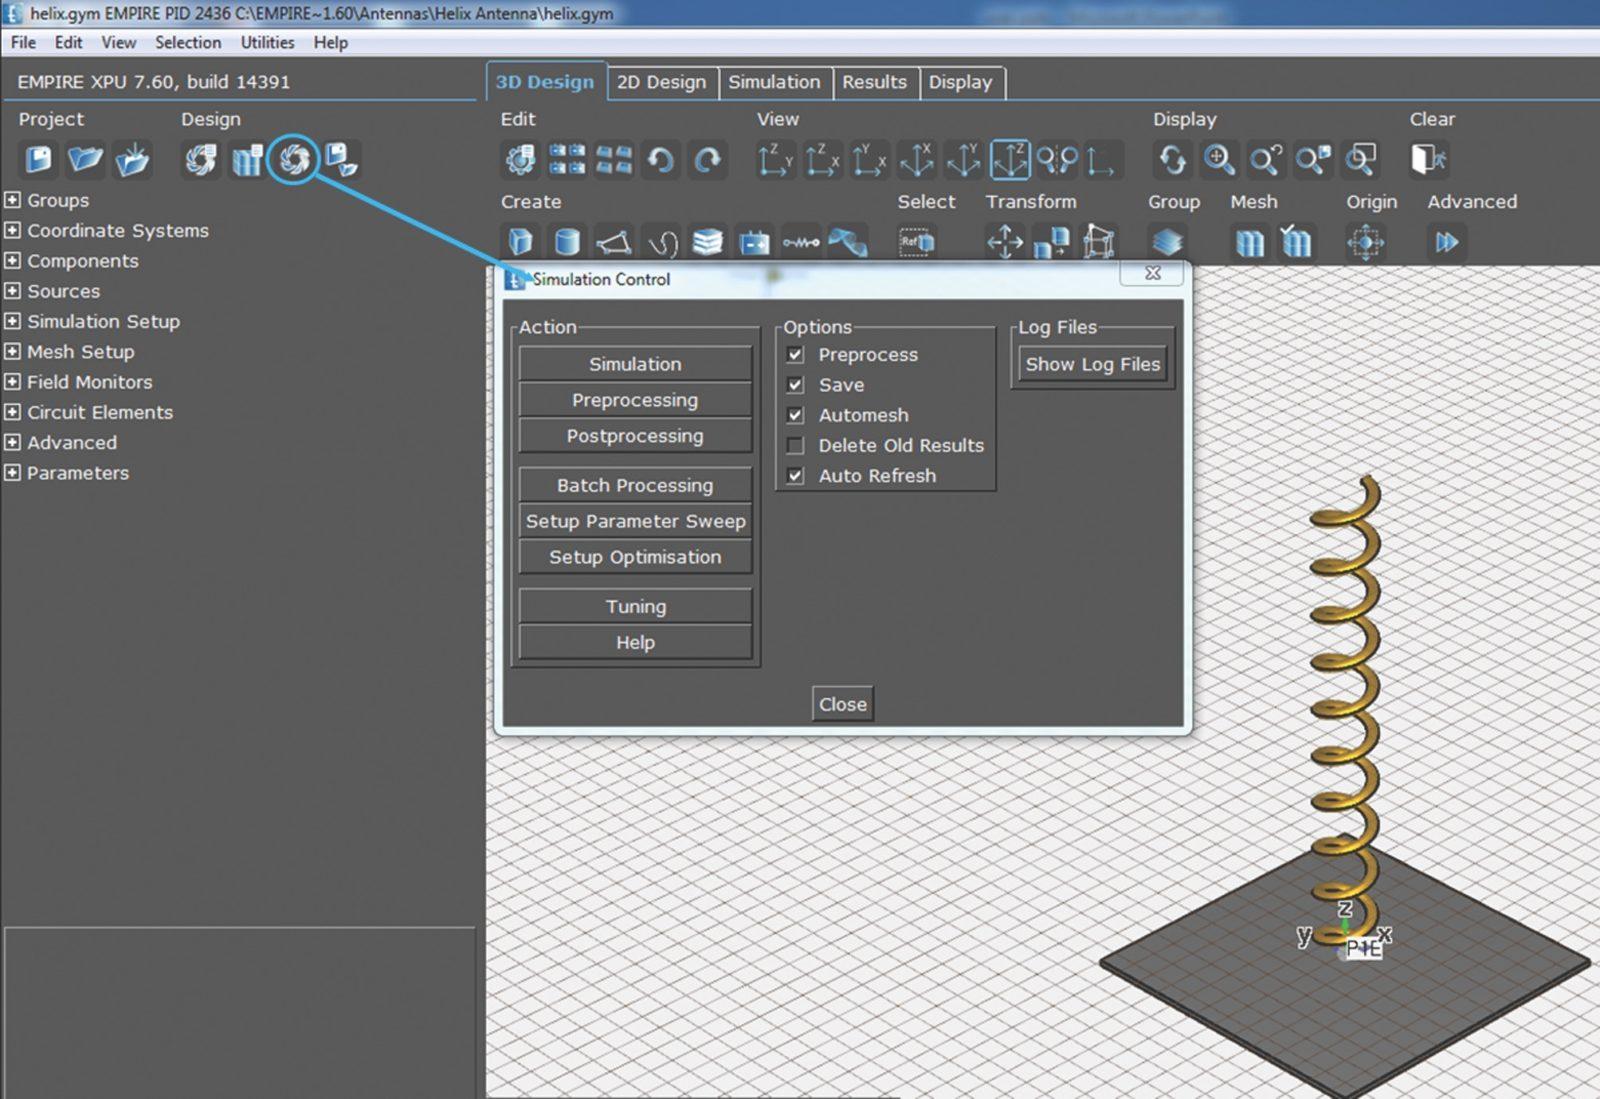 Окно запуска моделирования (Start Simulation)